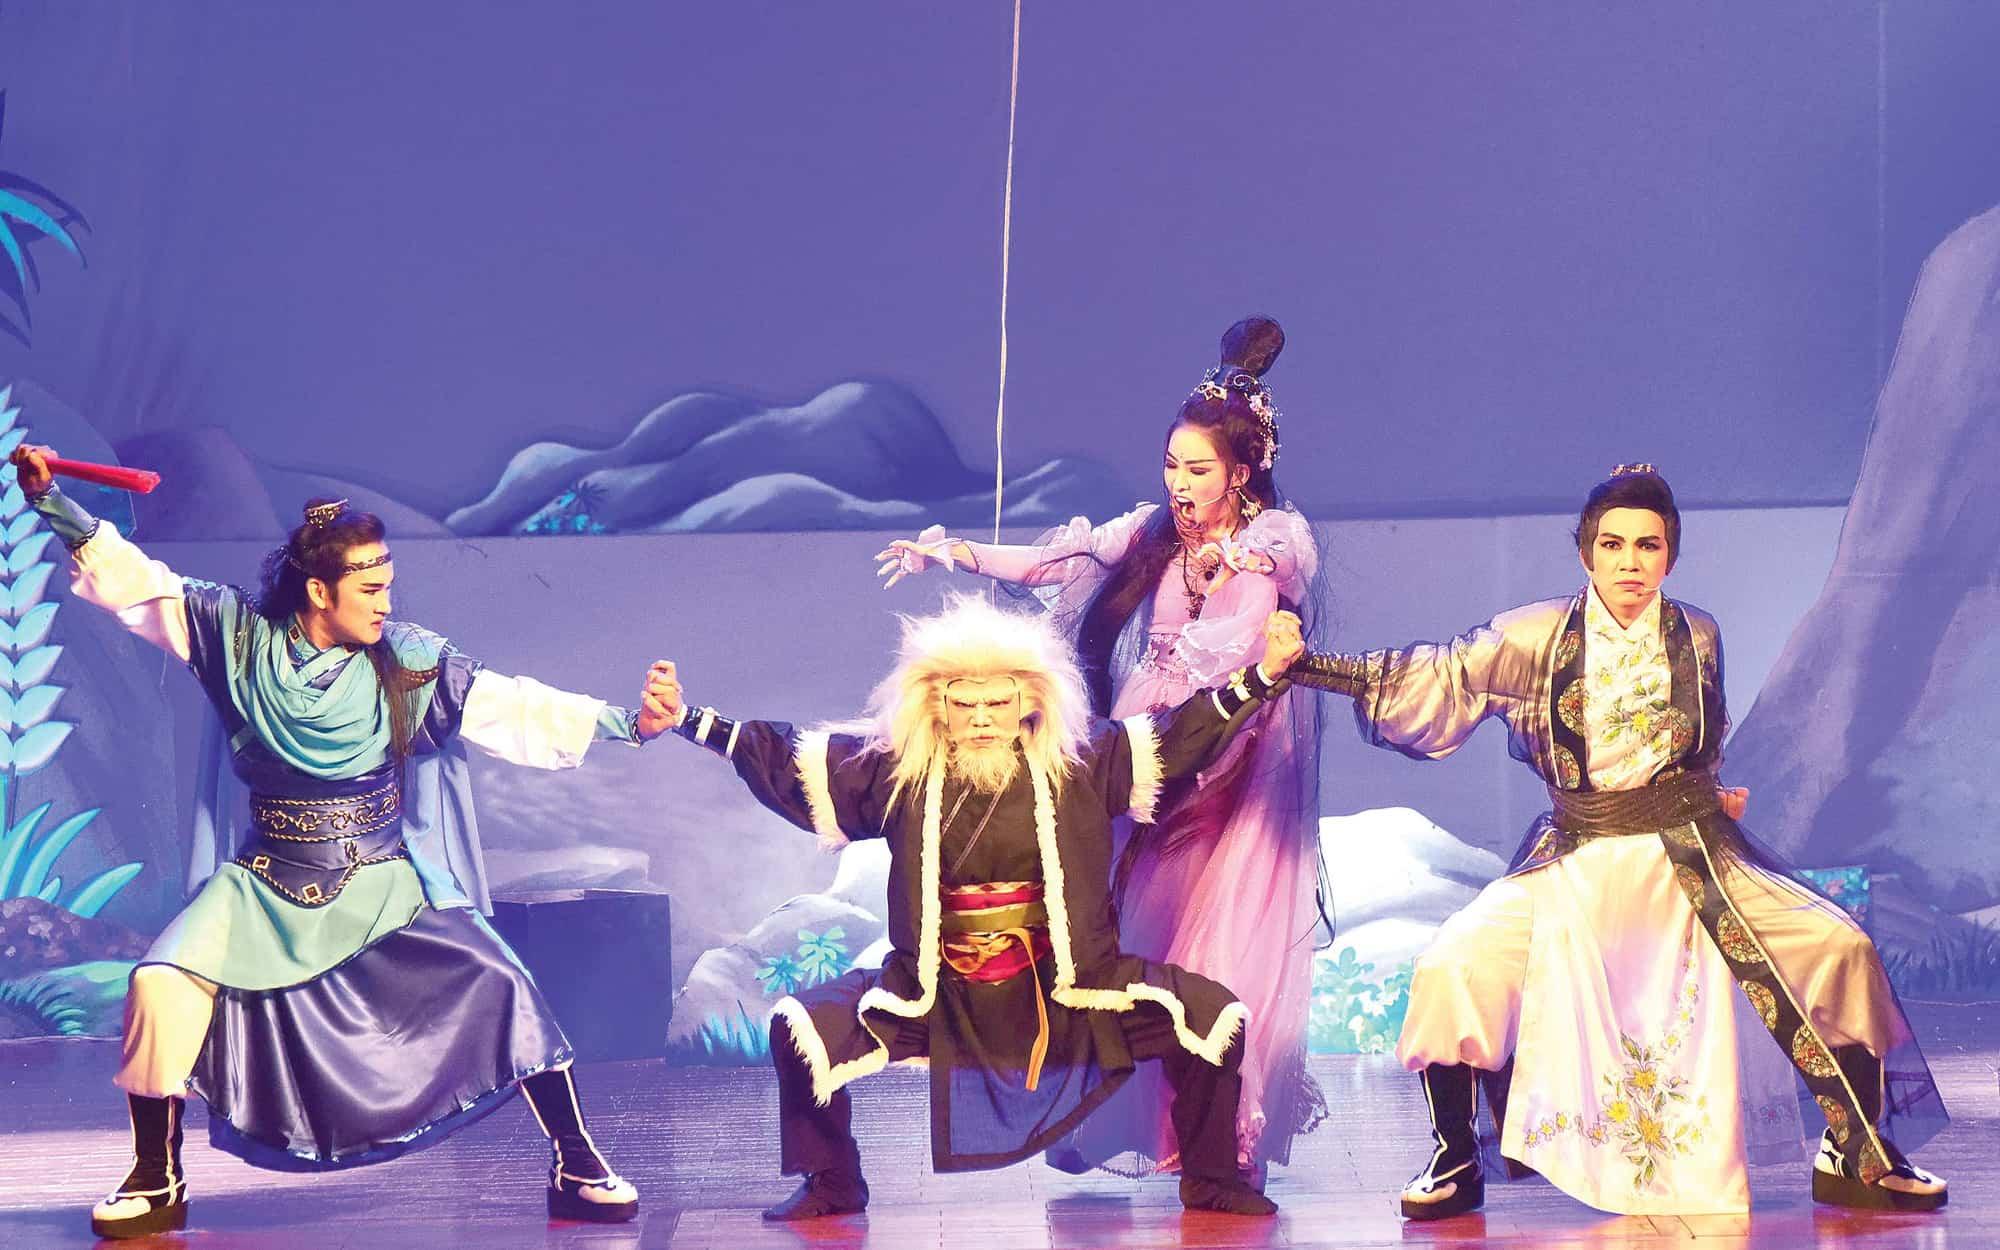 Trong đợt hoạt động mừng Trăm năm sân khấu cải lương tháng 12-2018, các suất diễn tái hiện những hình ảnh cải lương xưa của Nhà hát cải lương Trần Hữu Trang rất được khán giả thích thú - Ảnh: DUYÊN PHAN